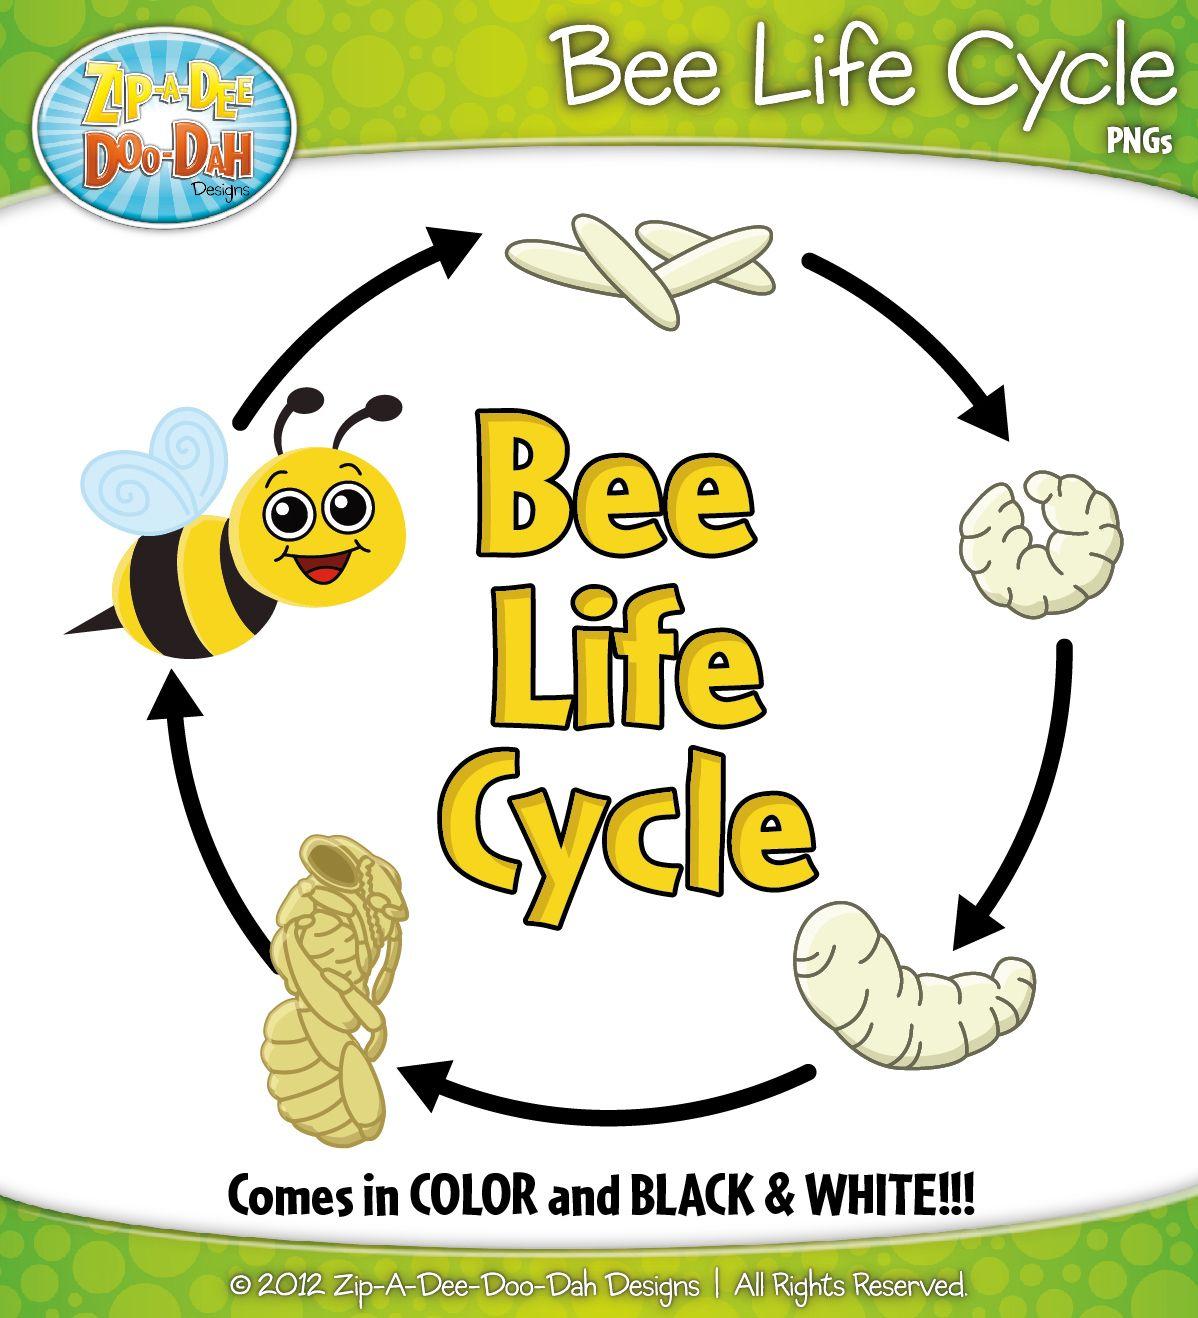 Bee Life Cycle Clipart Zip A Dee Doo Dah Designs